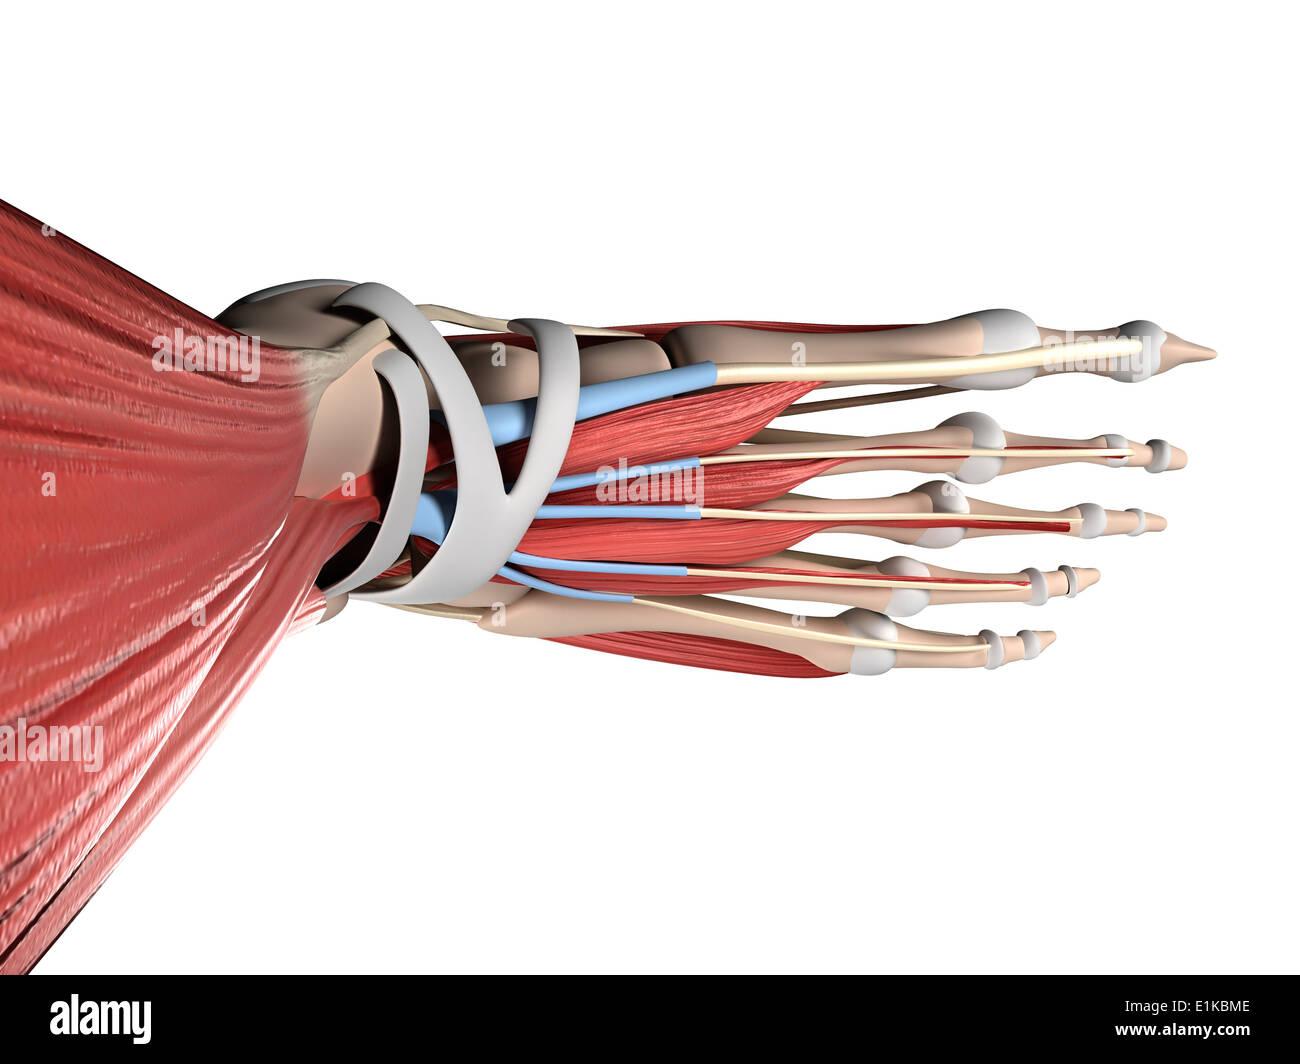 Menschlicher Fuß Anatomie Computer Artwork Stockfoto, Bild: 69882414 ...